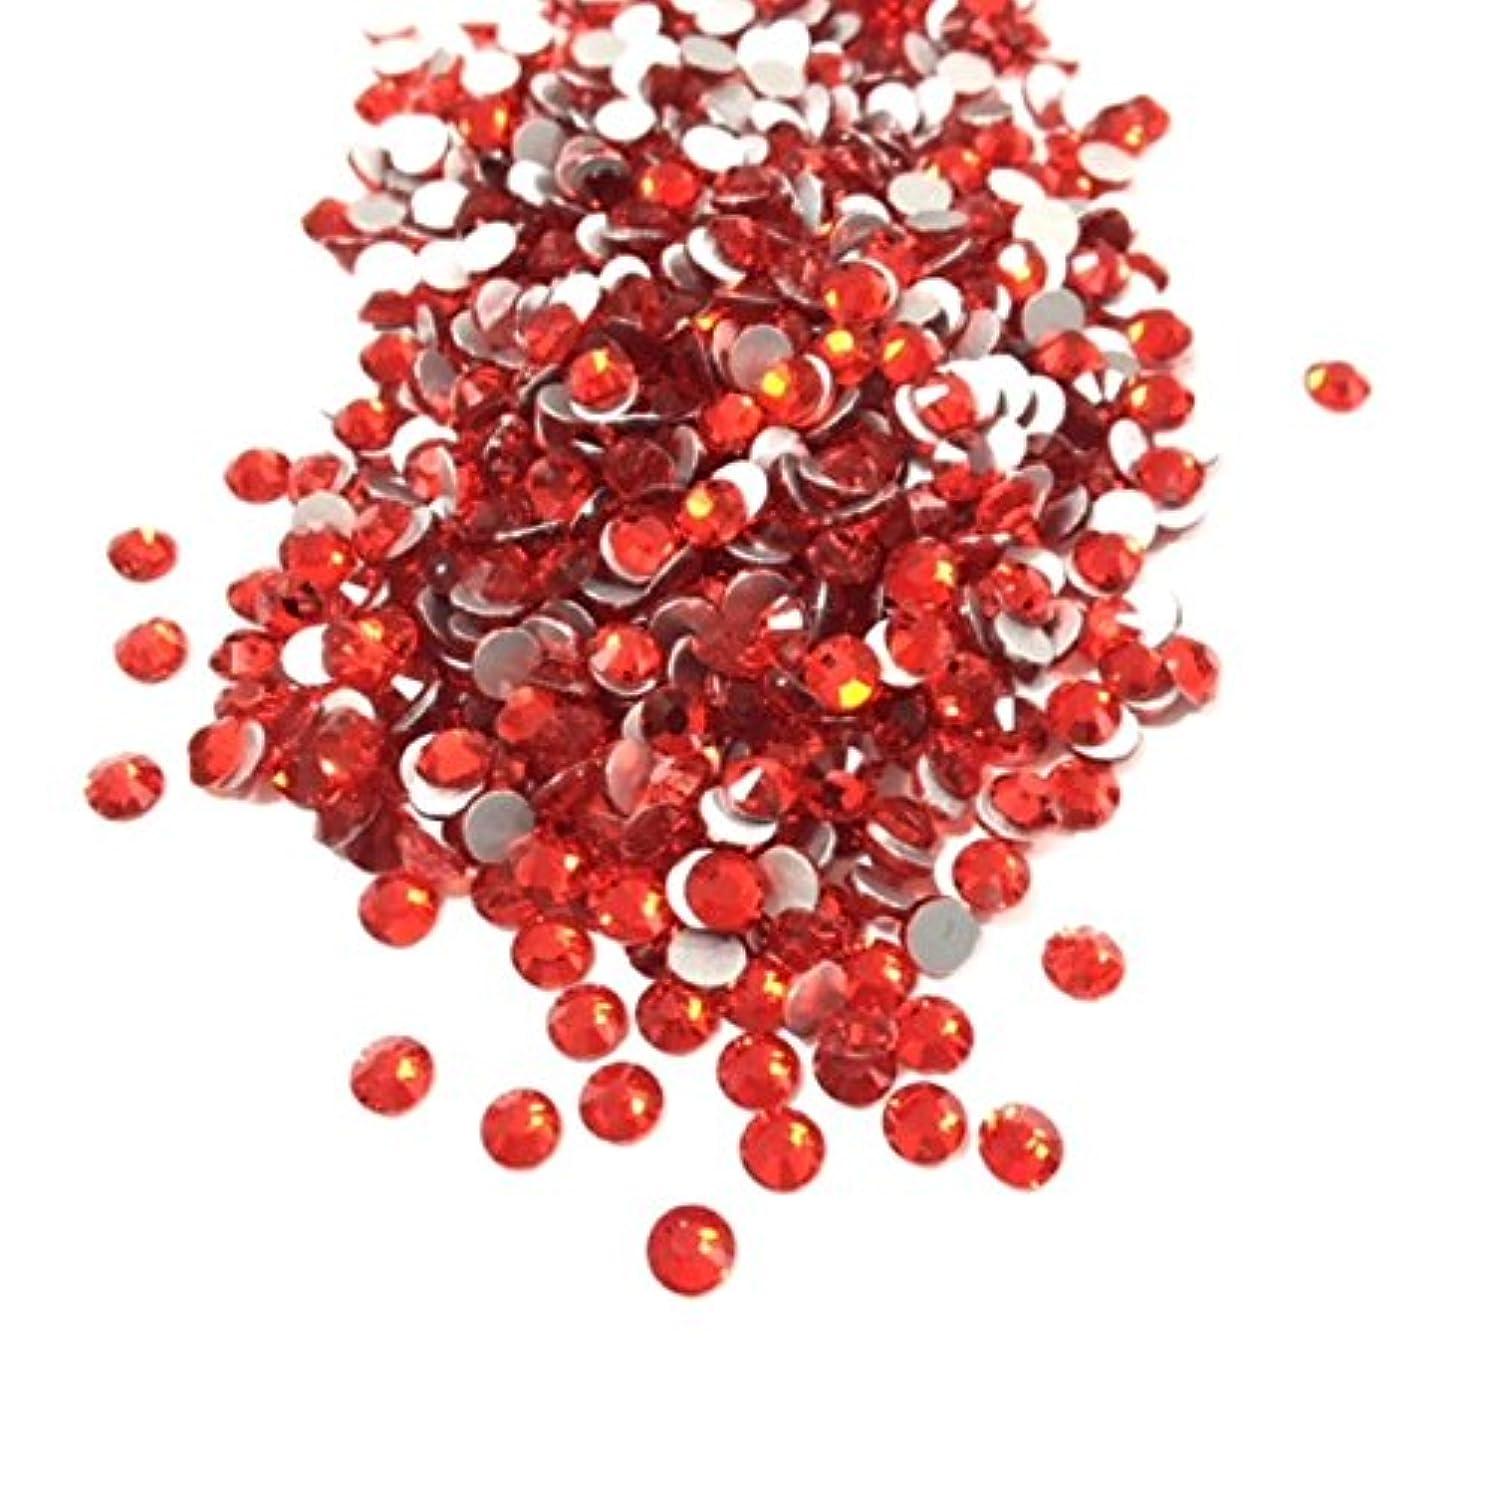 タワー挨拶平日【ネイルウーマン】最高品質ガラスストーン!スワロ同等の輝き! ライトシャム レッド 赤 (約100粒入り) (SS4, ライトシャム)